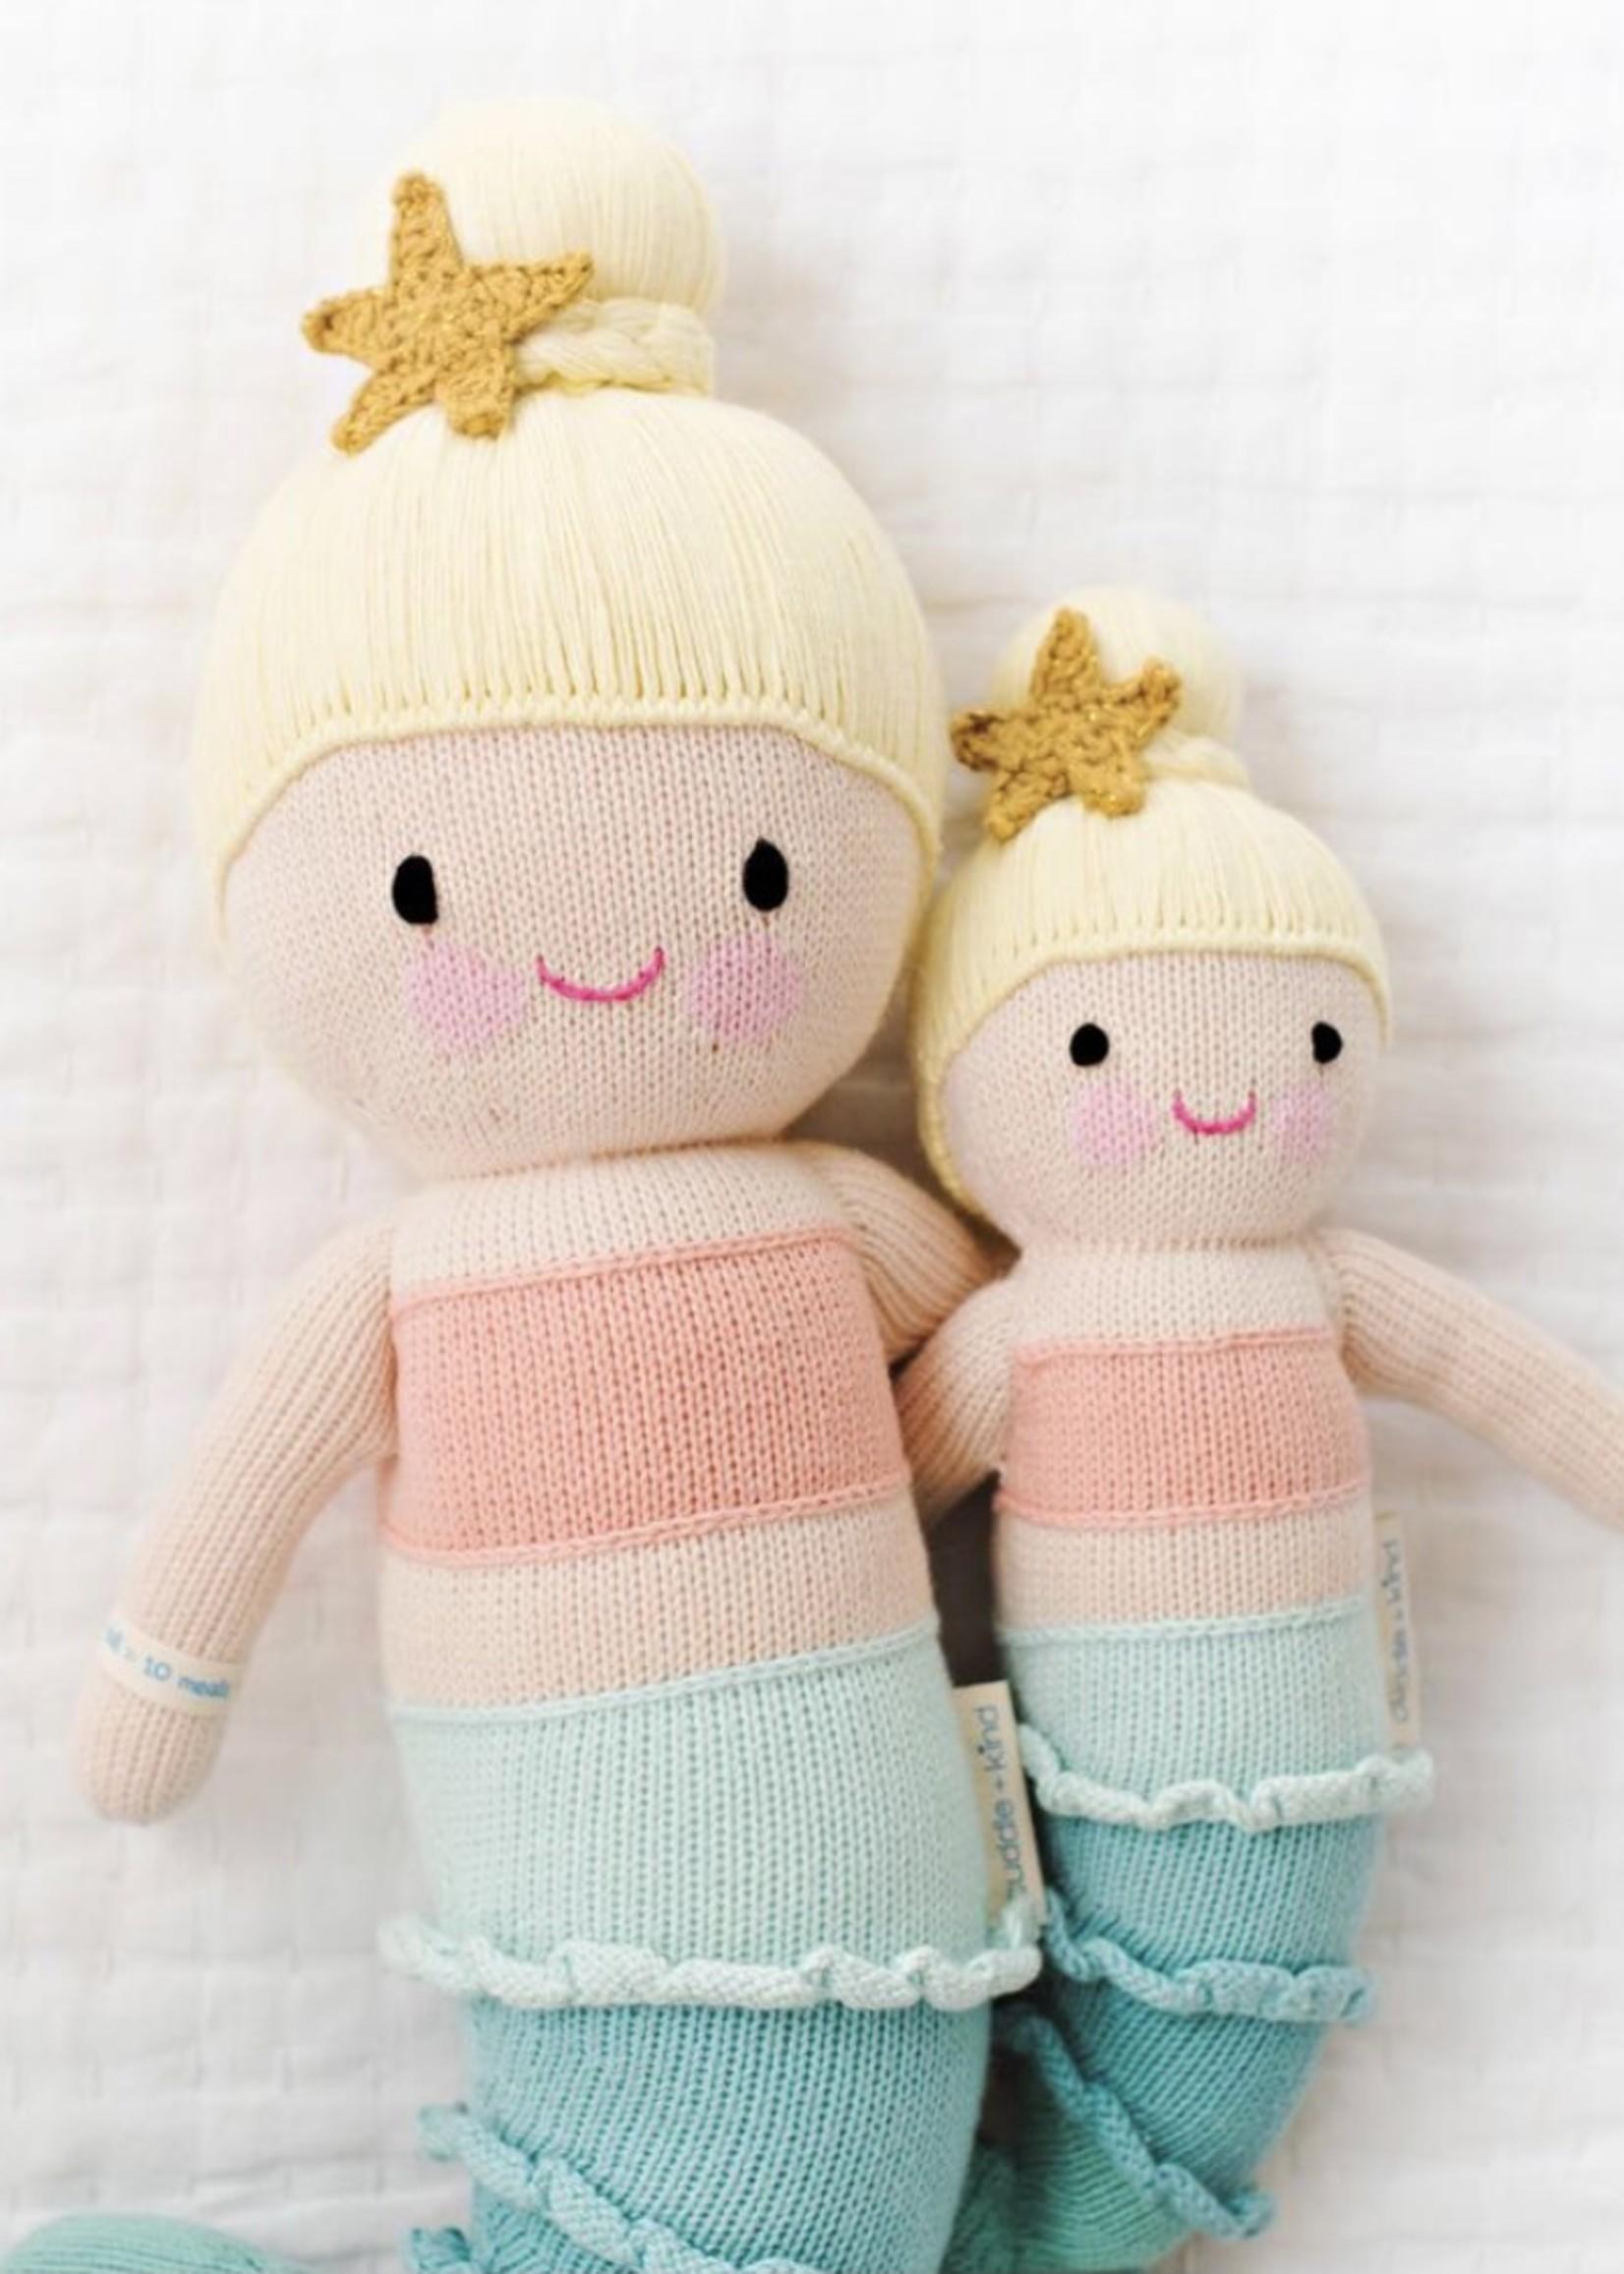 cuddle + kind Big Mermaid Knit Doll SKYE